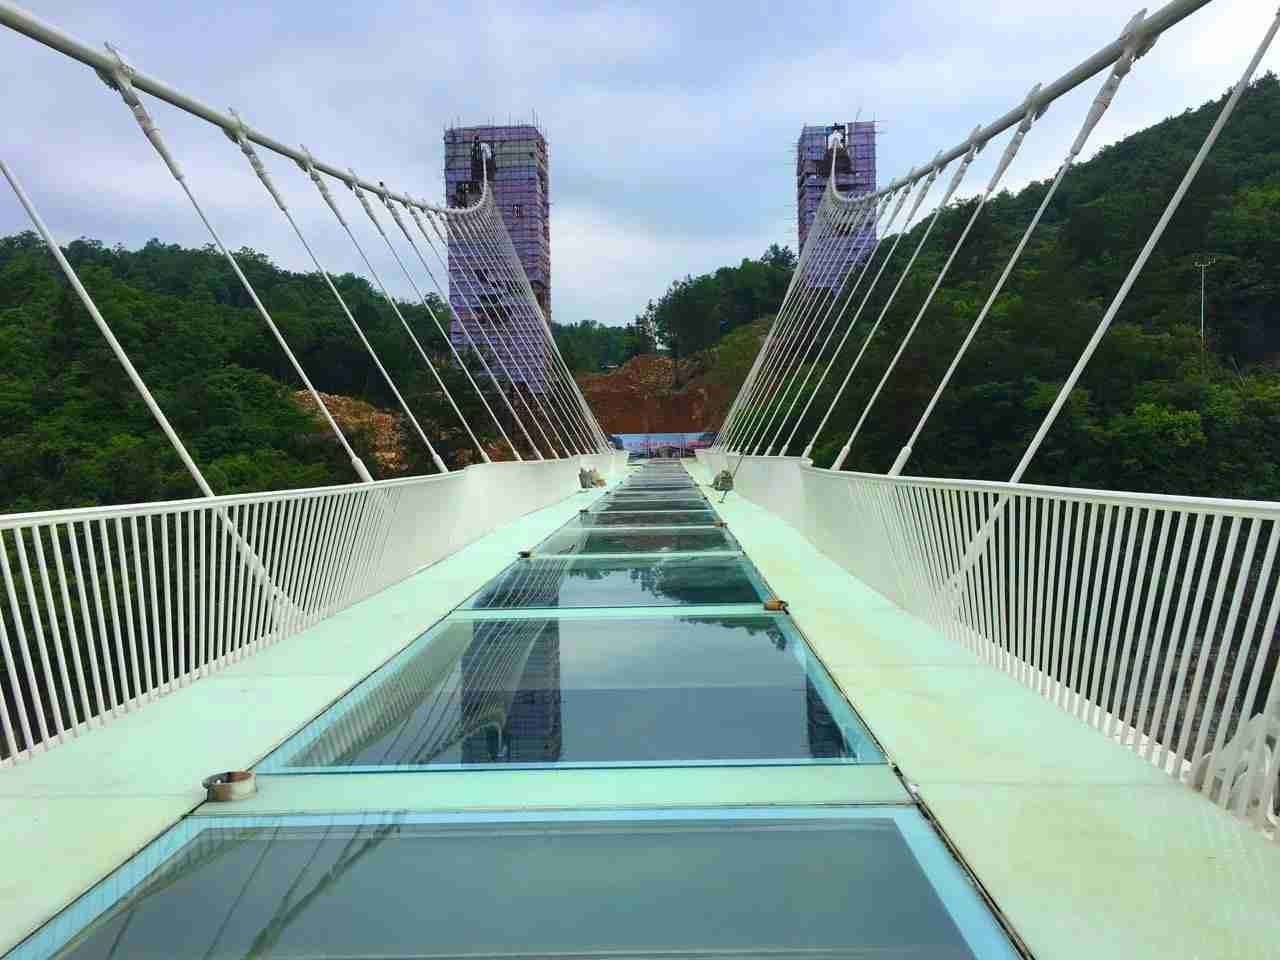 Zhangjiajie Grand Canyon Glass Bridge2